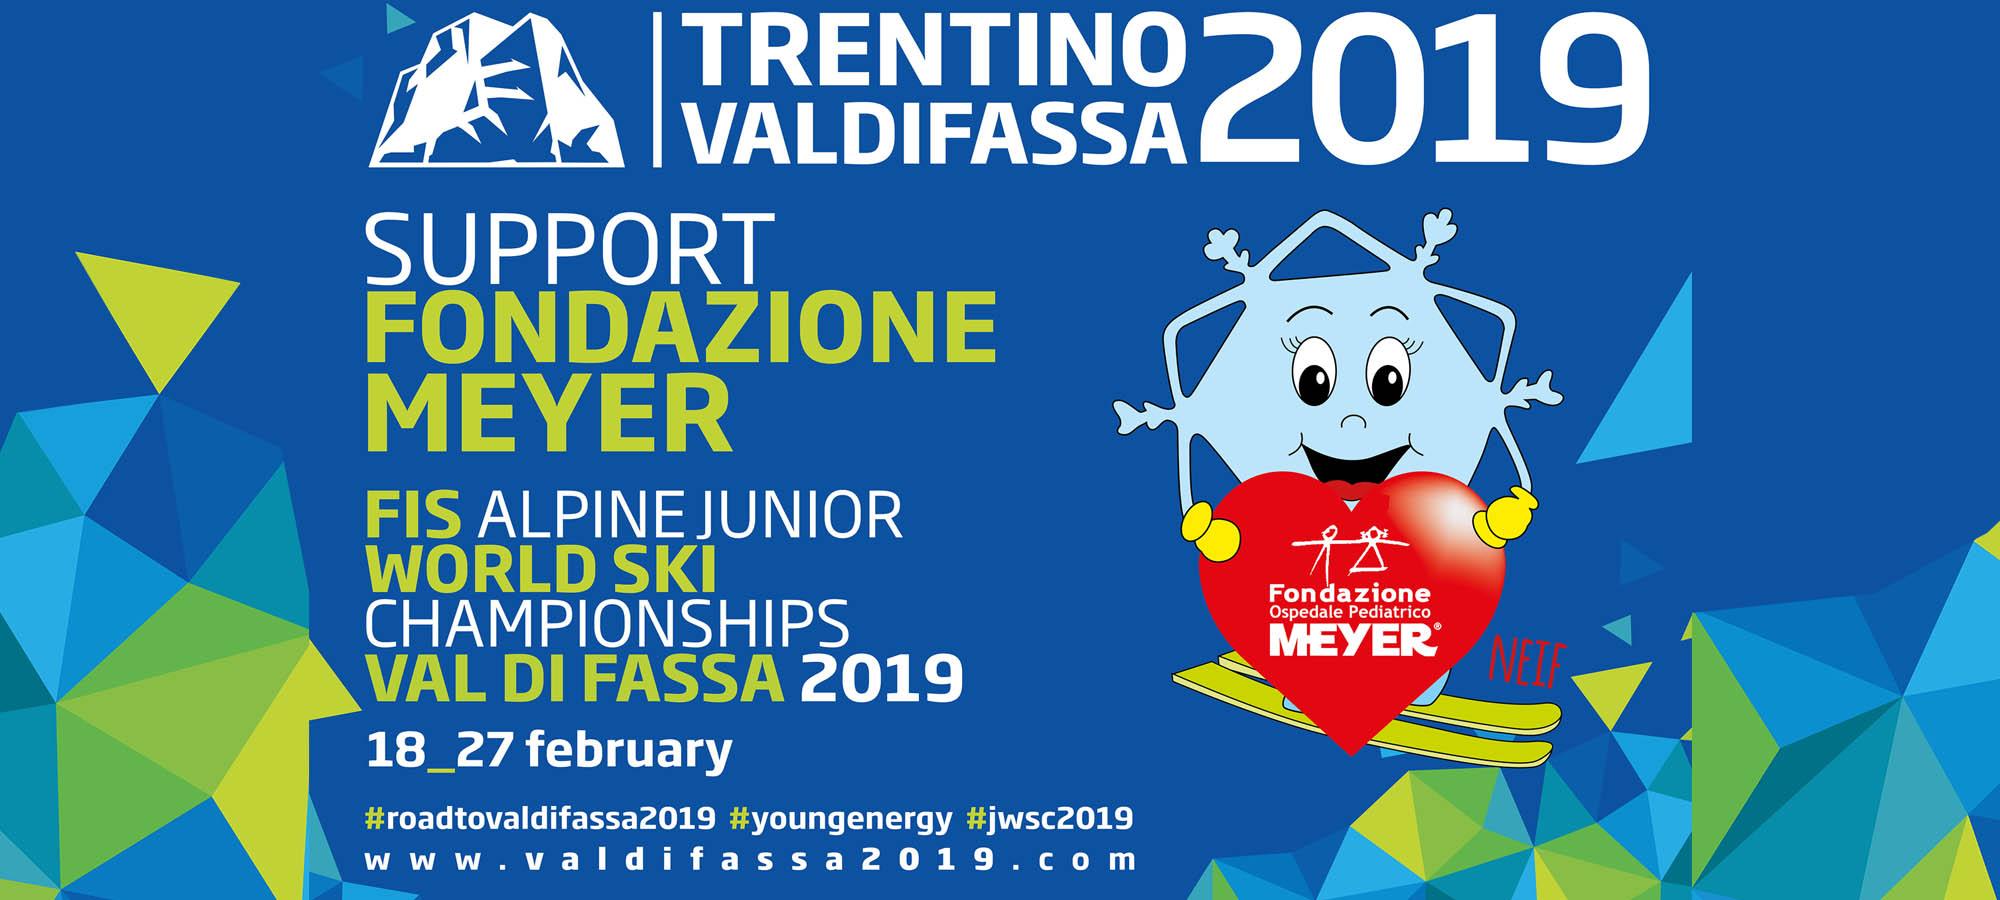 Campionati del Mondo Junior di Sci Alpino 2019